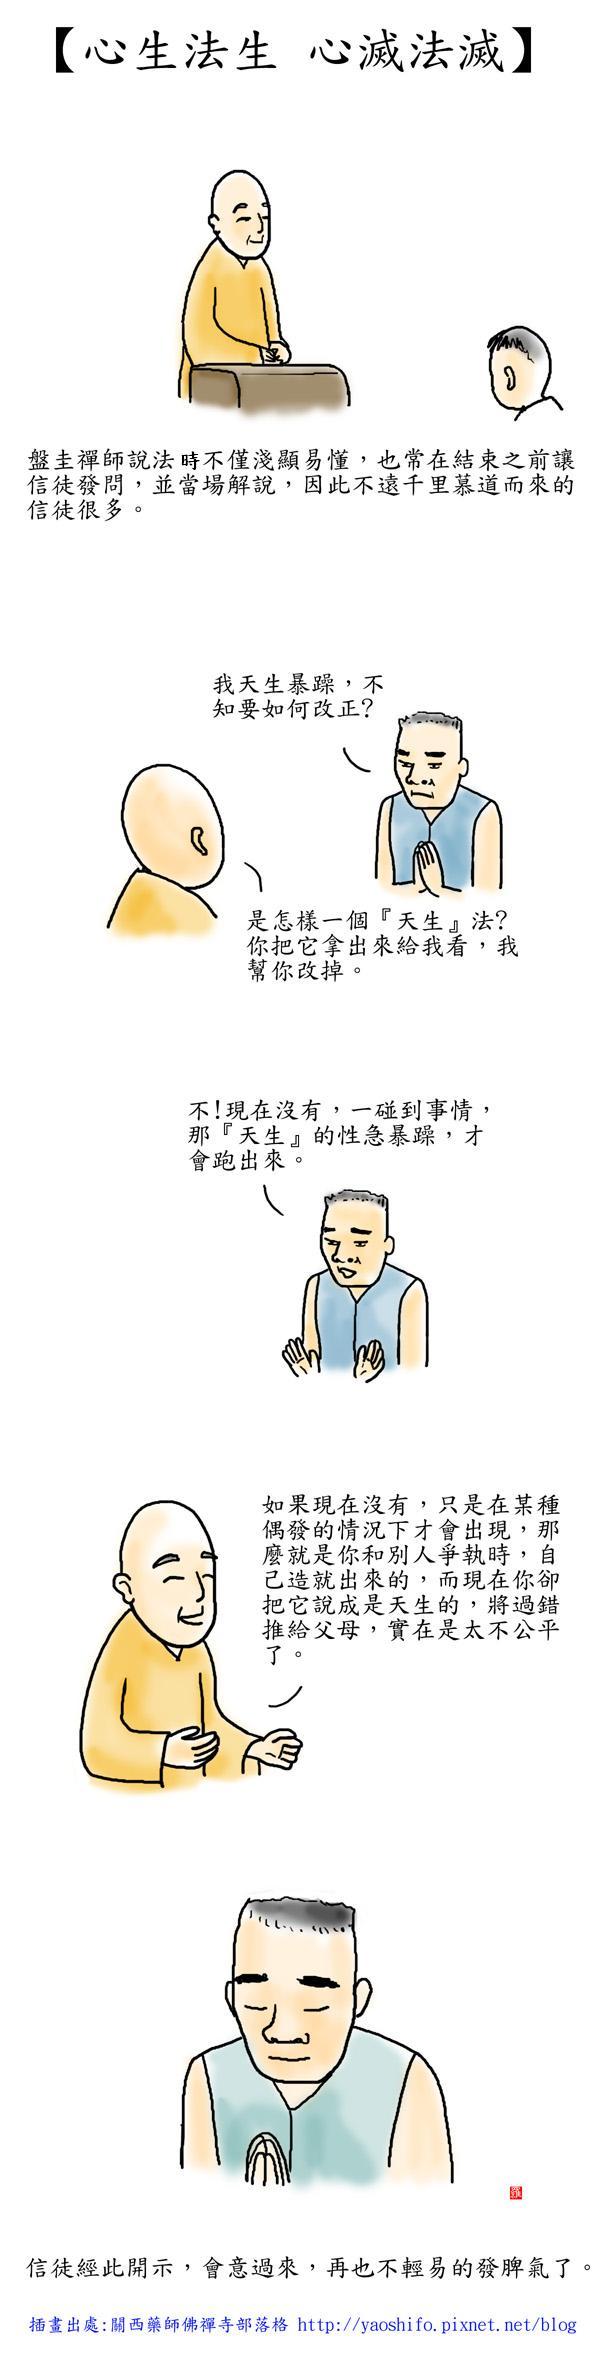 心生法生-1